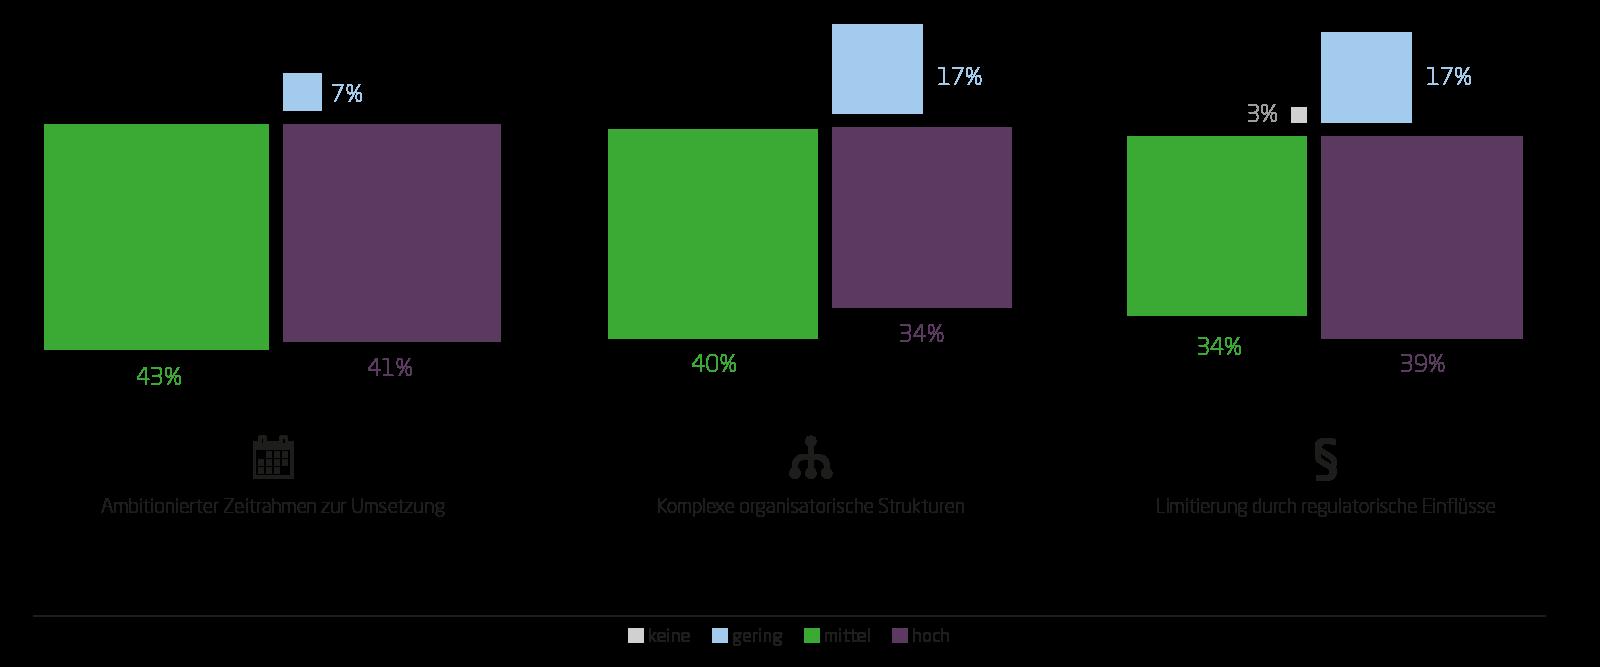 Regulatorische Anforderungen stehen Unternehmen bei der Digitalen Transformation im Weg